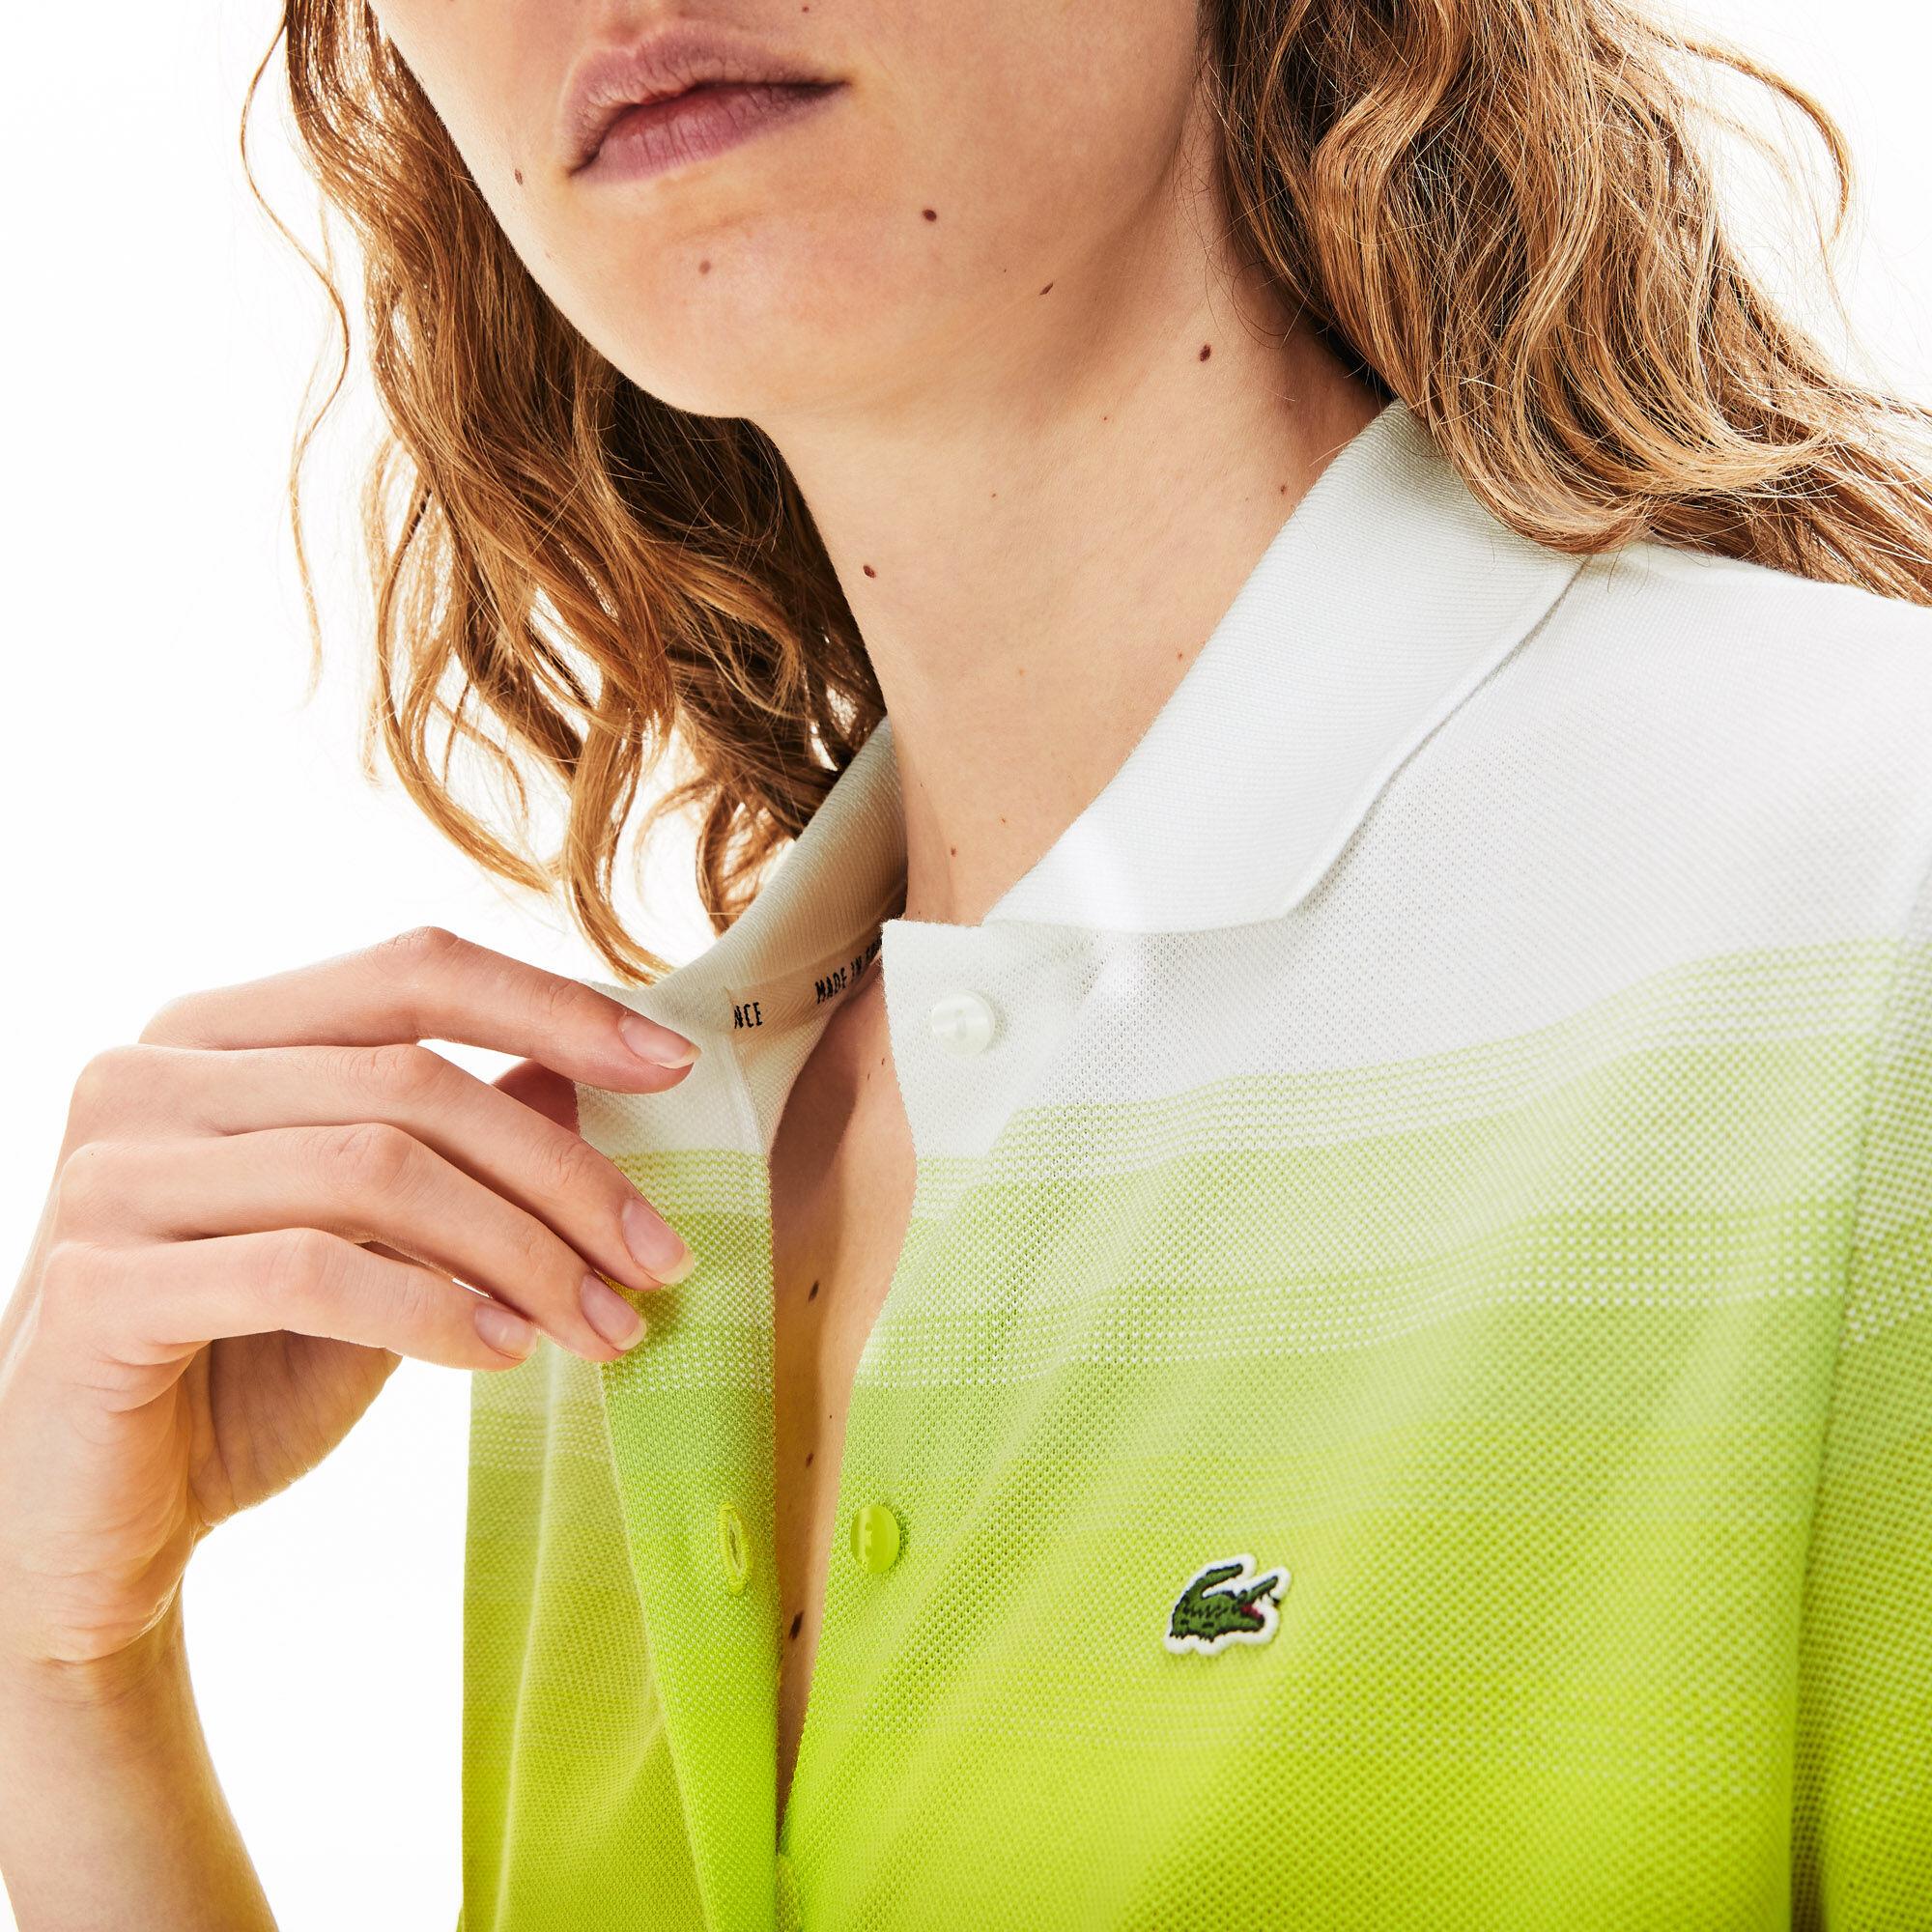 فستان بولو من قطن بيكيه من مجموعة Made in France للسيدات